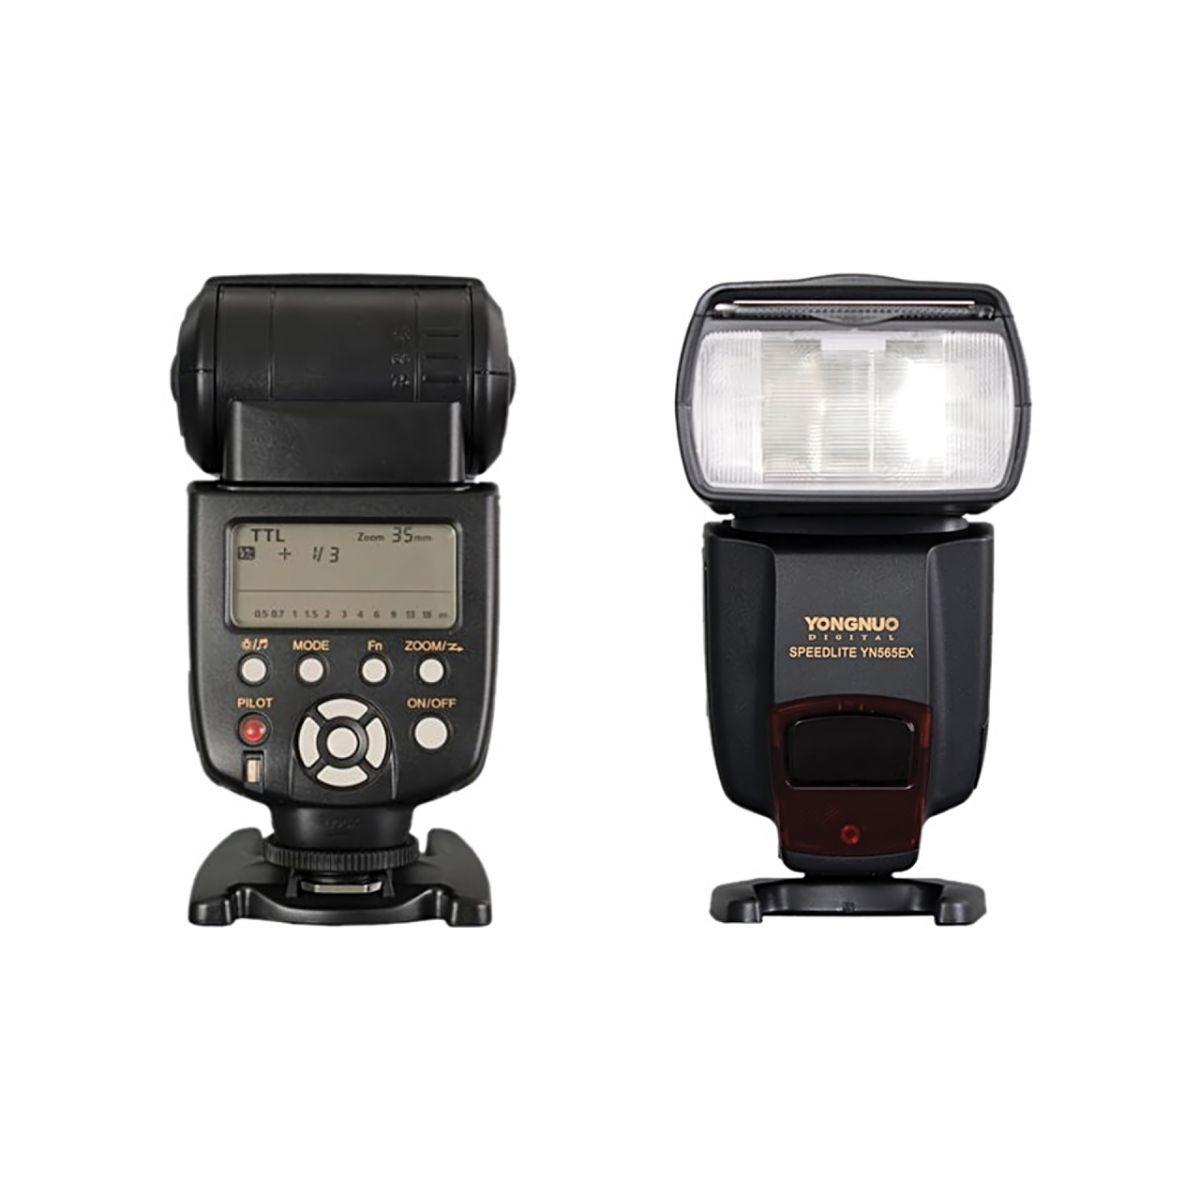 Flash Yongnuo TTL YN565EX YN-565 EX 565EX Nikon